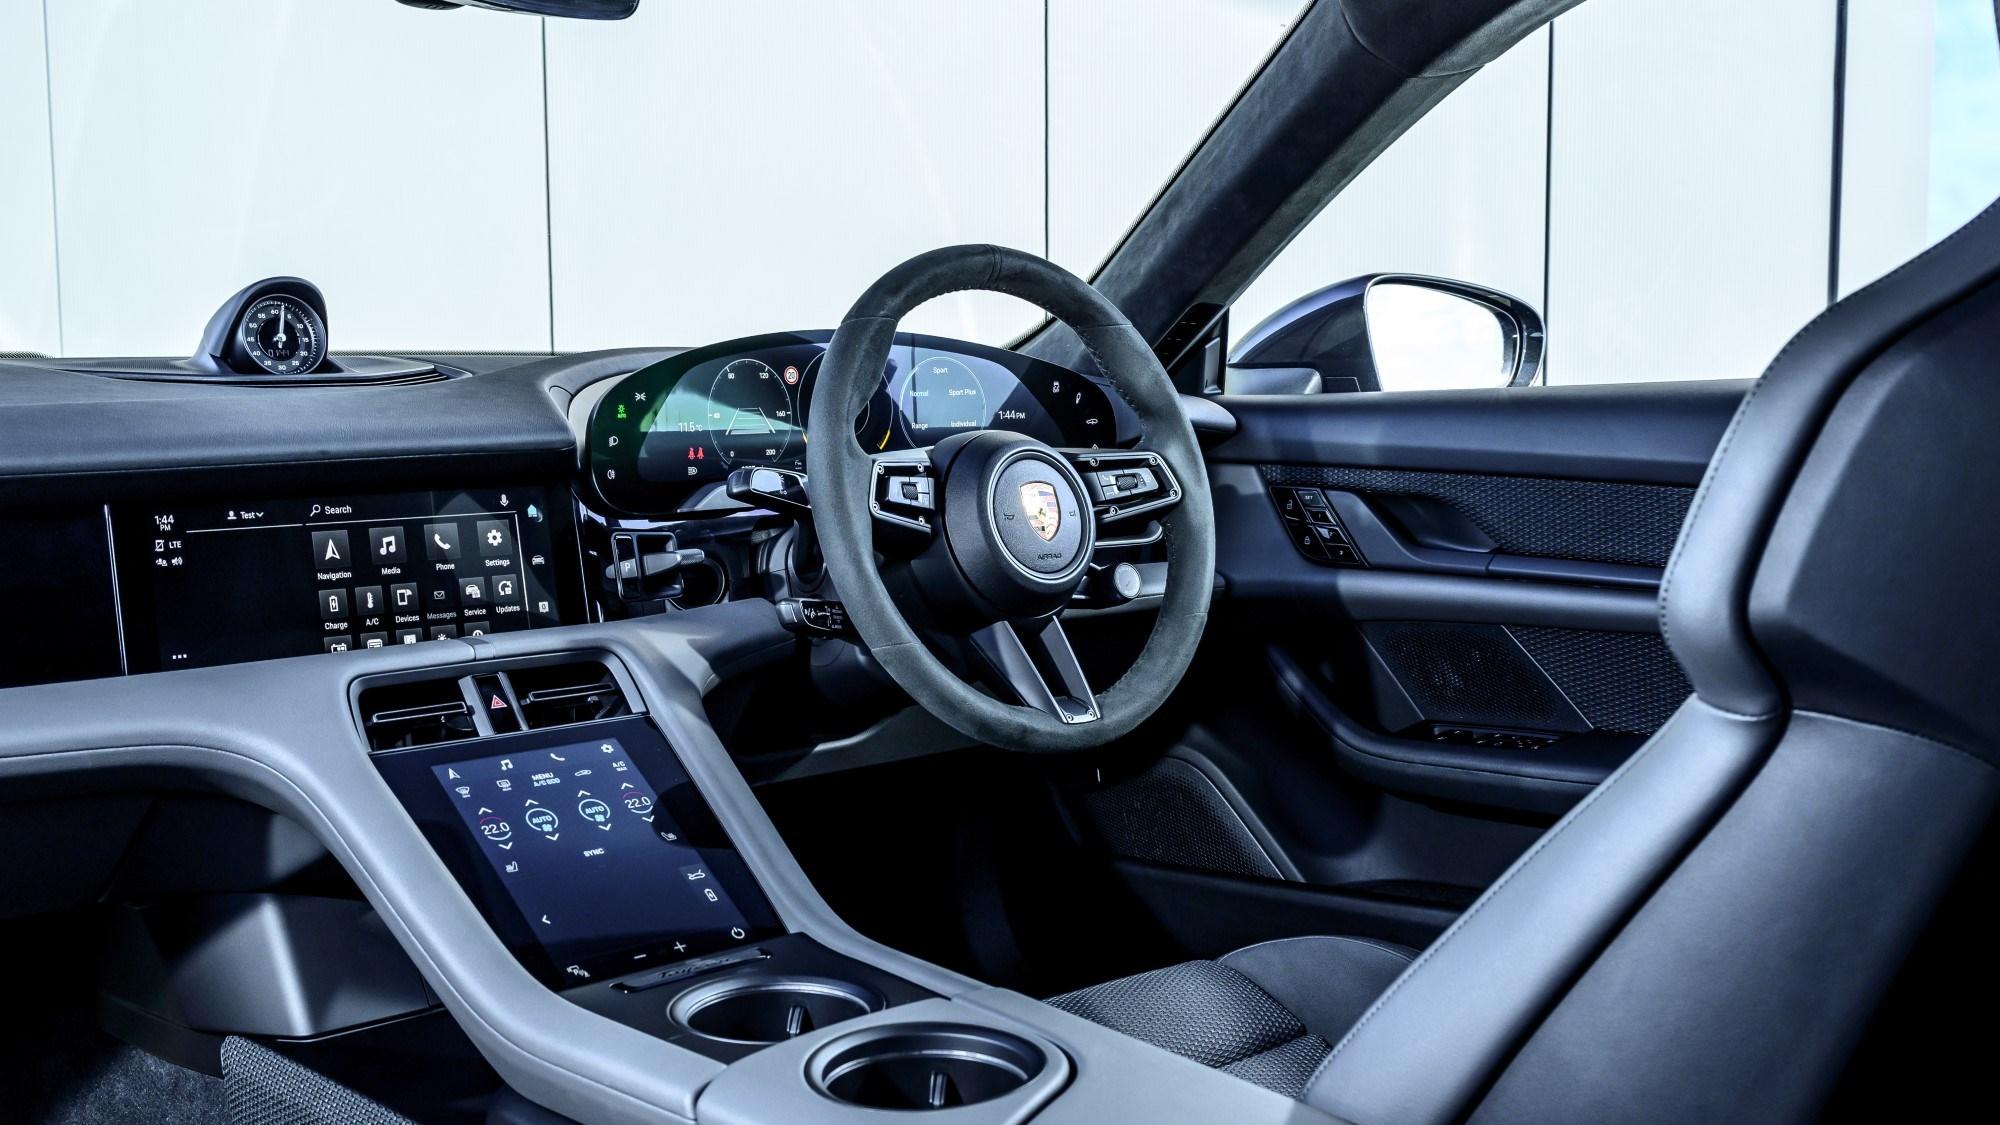 2021 Porsche Taycan interior